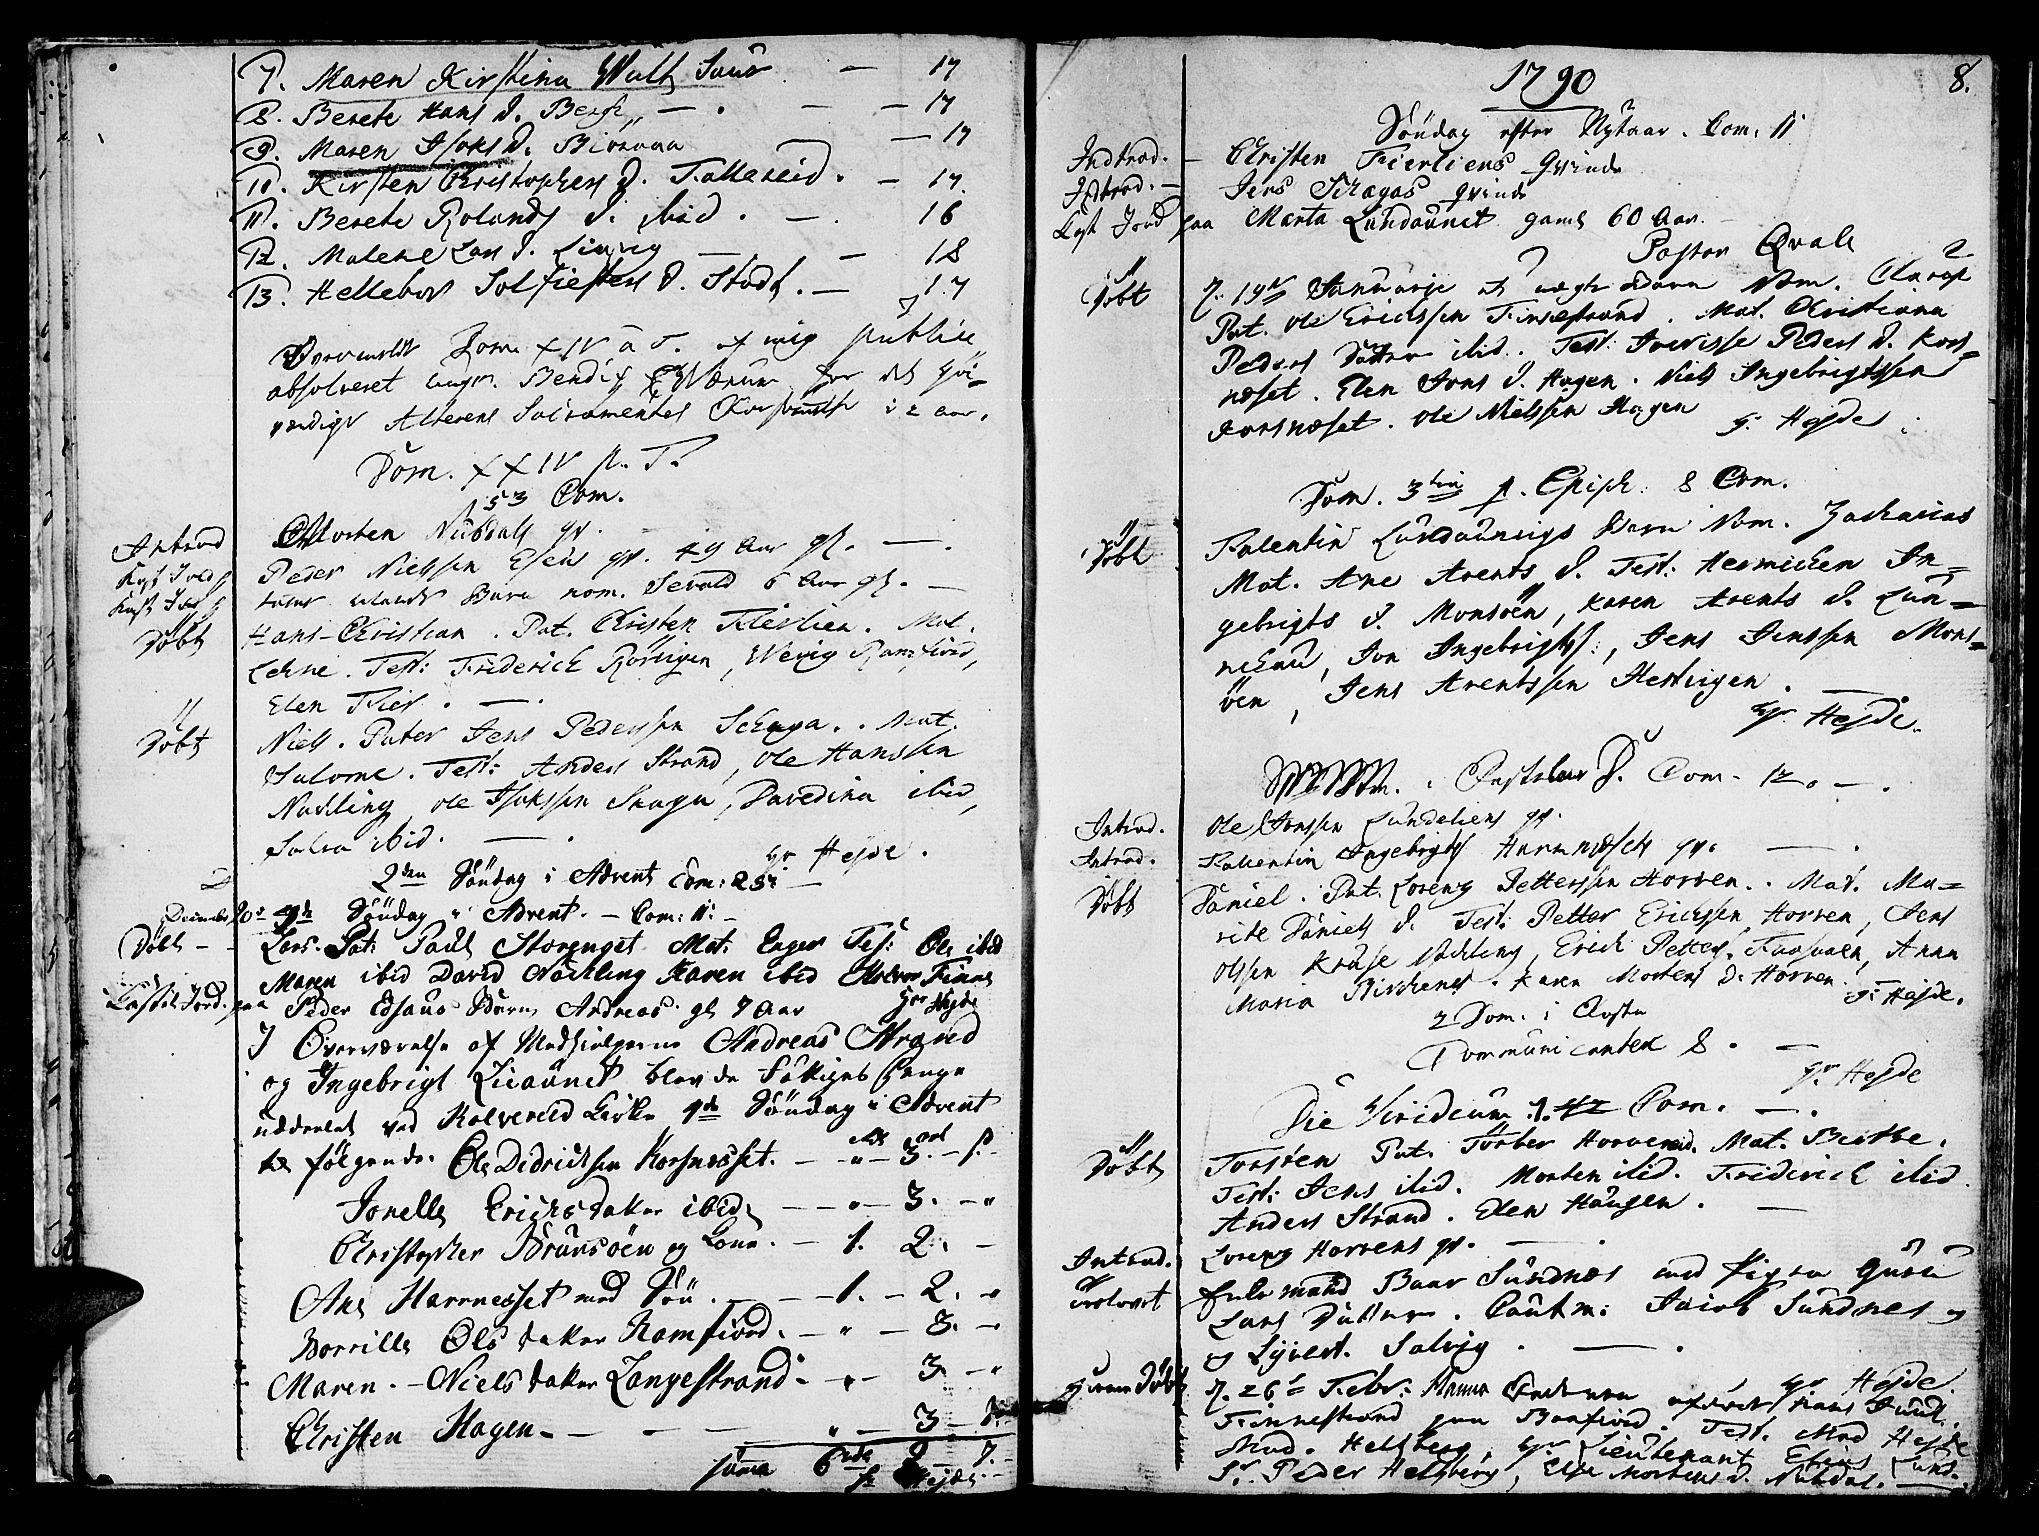 SAT, Ministerialprotokoller, klokkerbøker og fødselsregistre - Nord-Trøndelag, 780/L0633: Ministerialbok nr. 780A02 /1, 1787-1814, s. 8